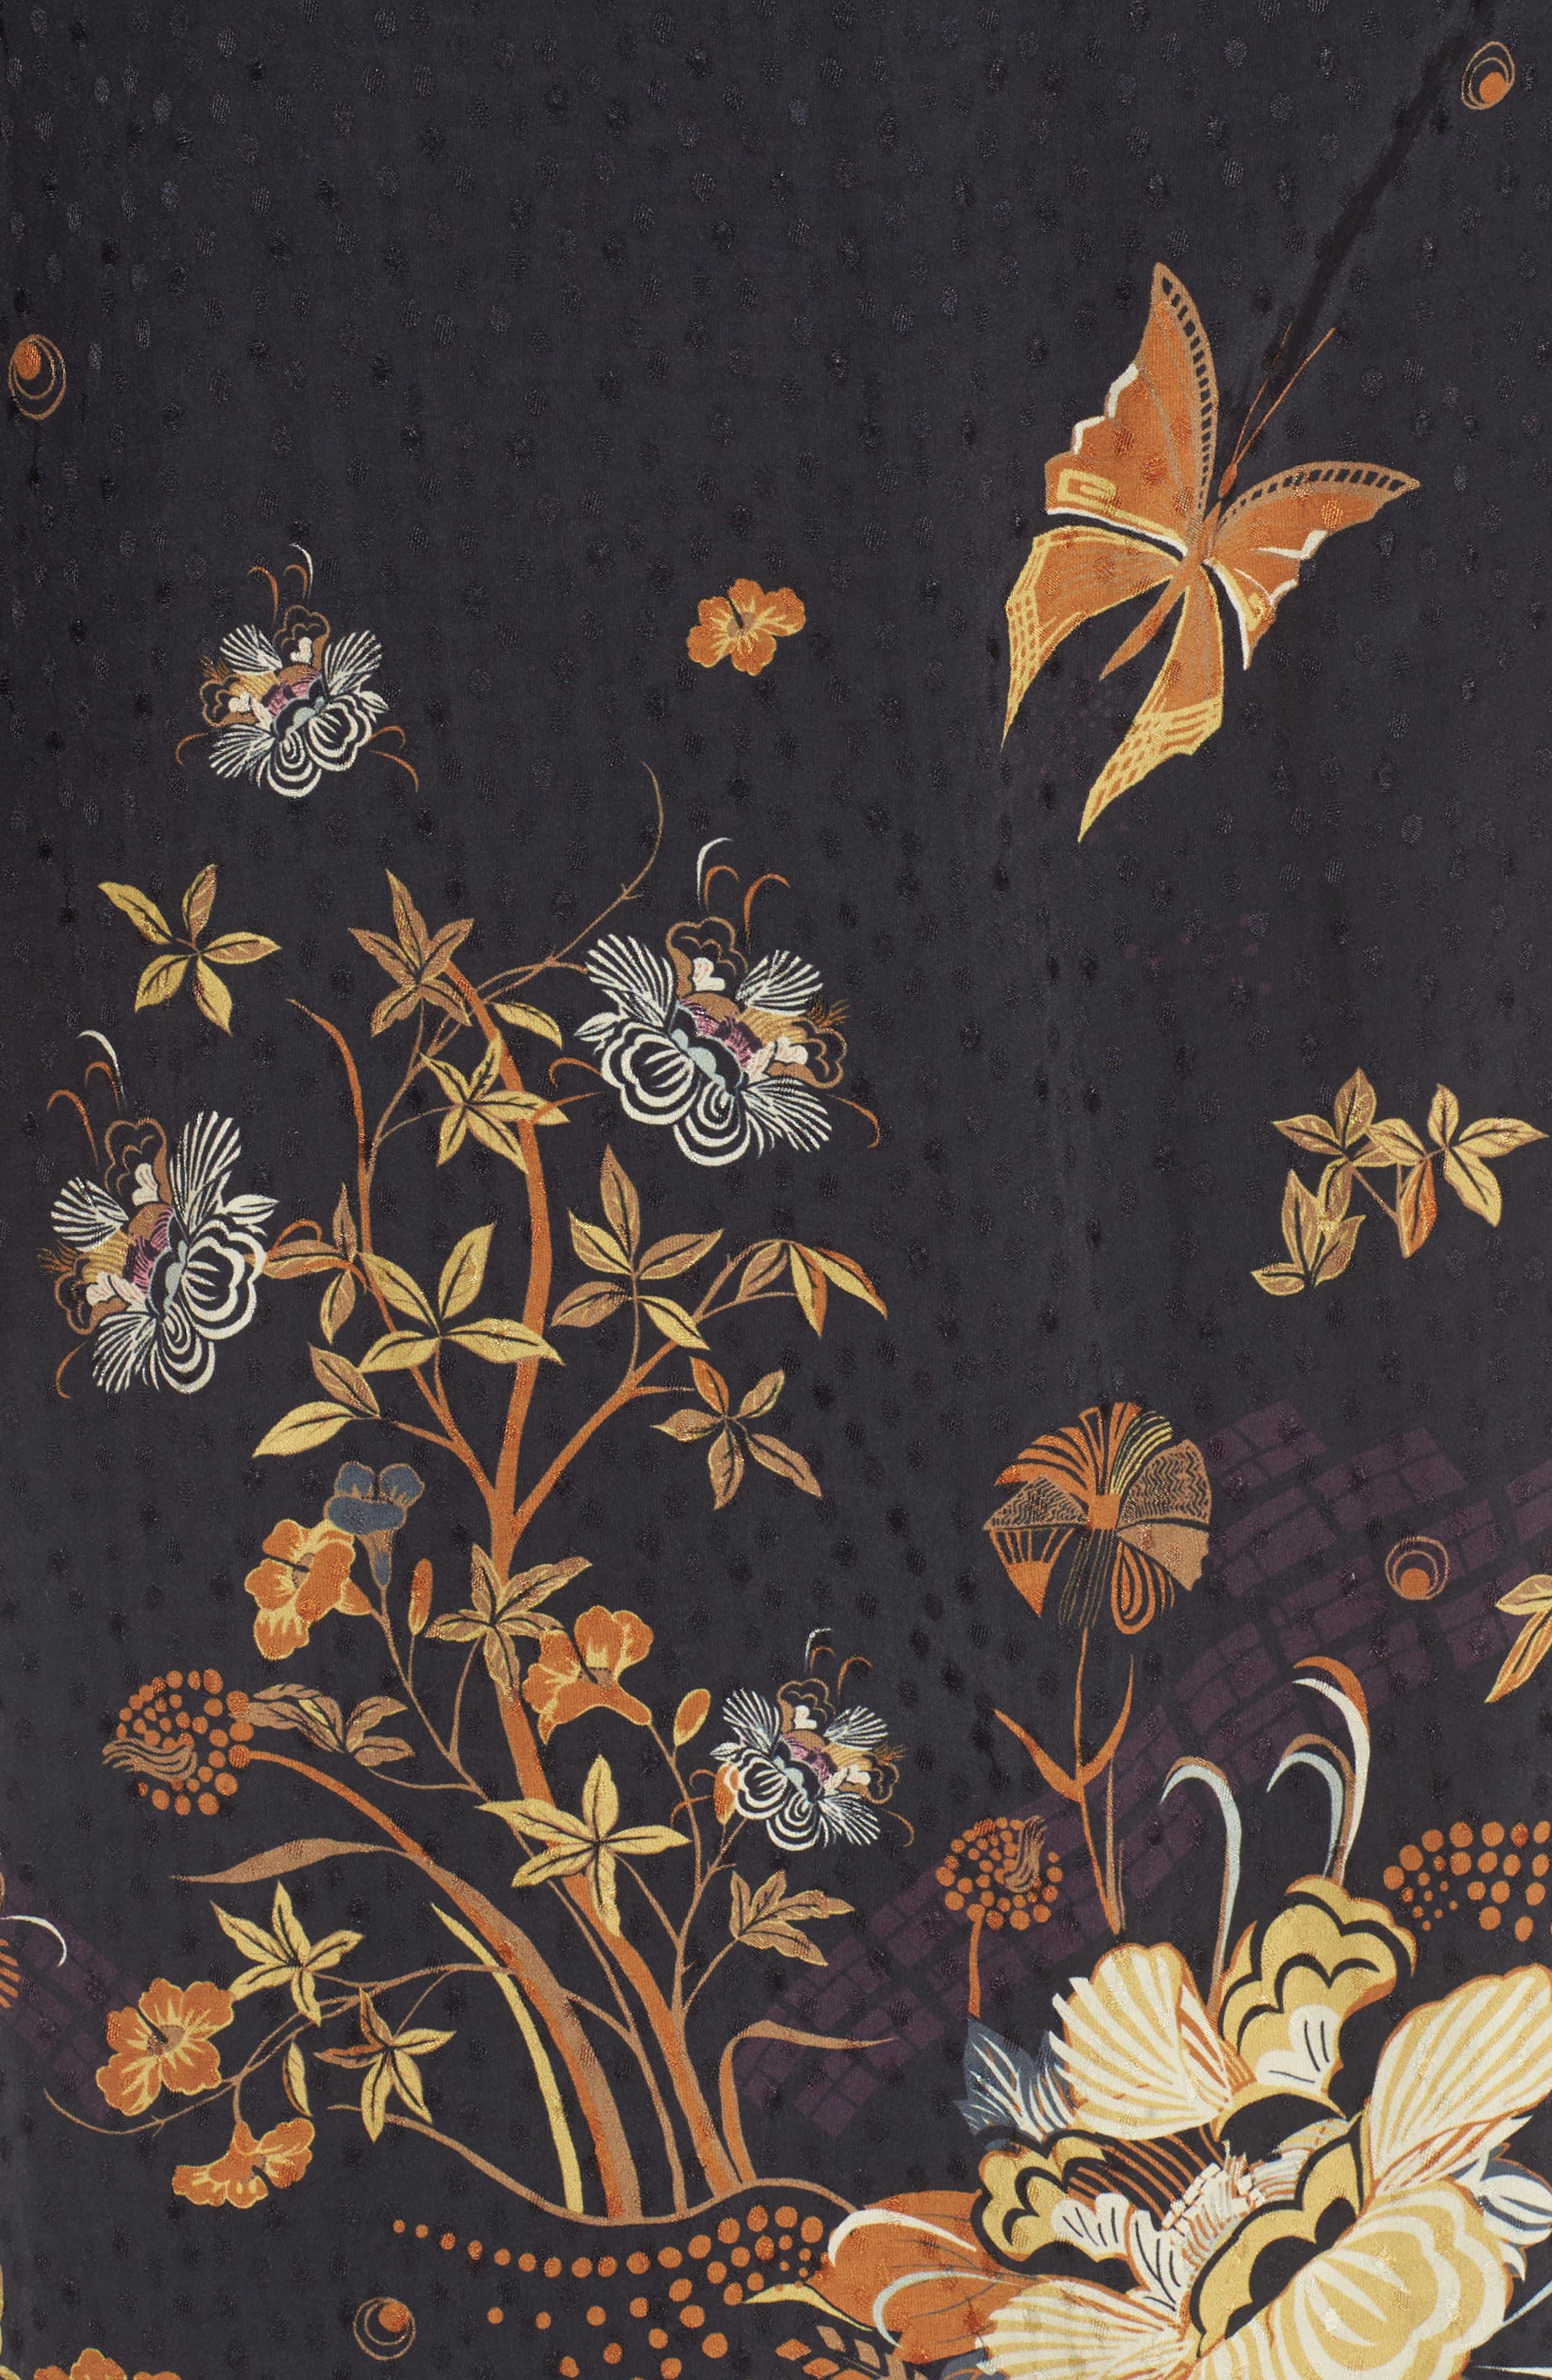 Jacquard Midi Wrap Dress,                             Alternate thumbnail 5, color,                             Black Decorative Scenery Print